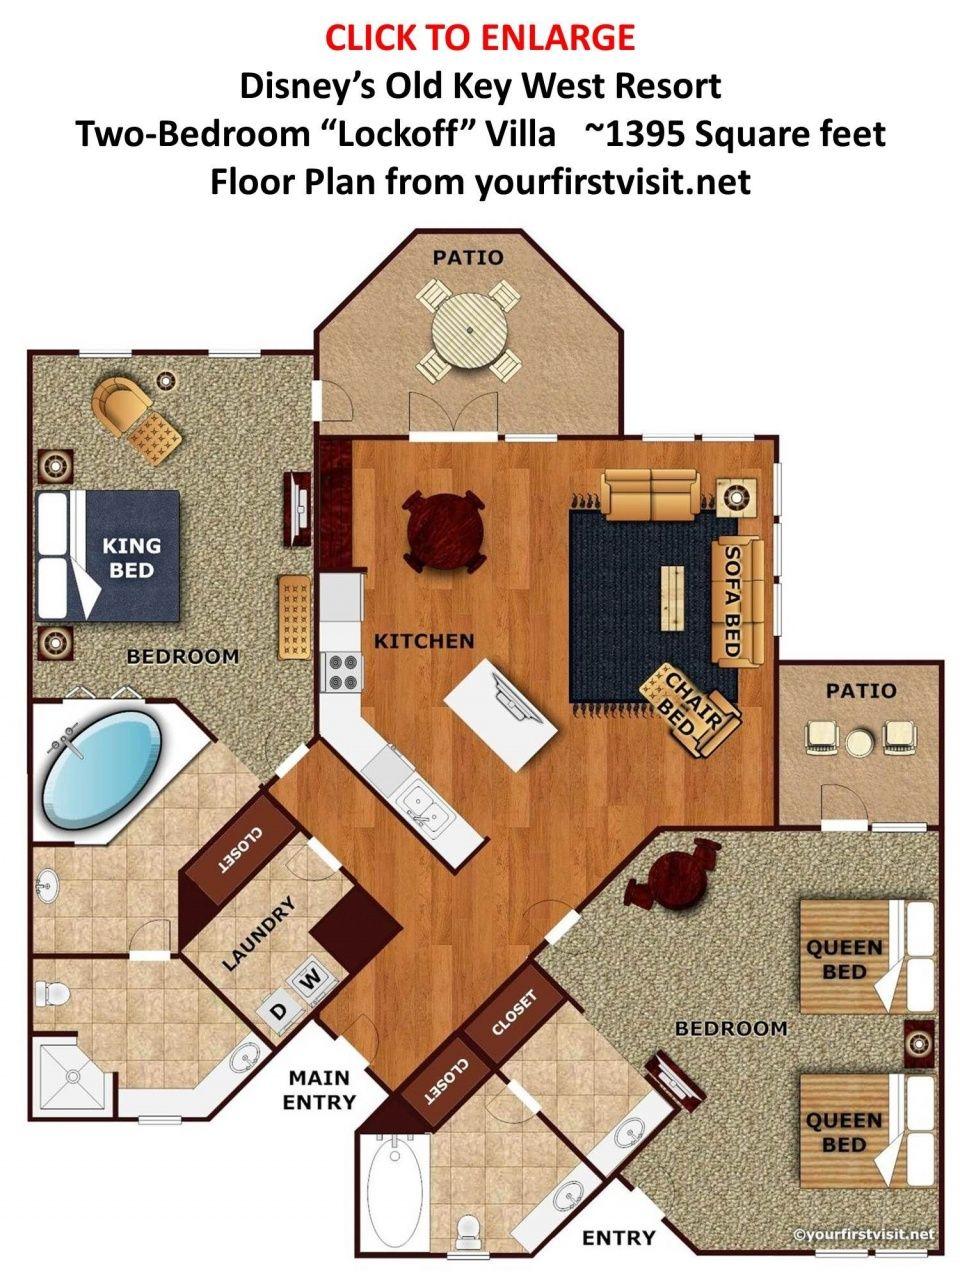 Disney Saratoga Springs 2 Bedroom Villa In 2020 Key West Resorts Disney Key West Resort Disney Hotels